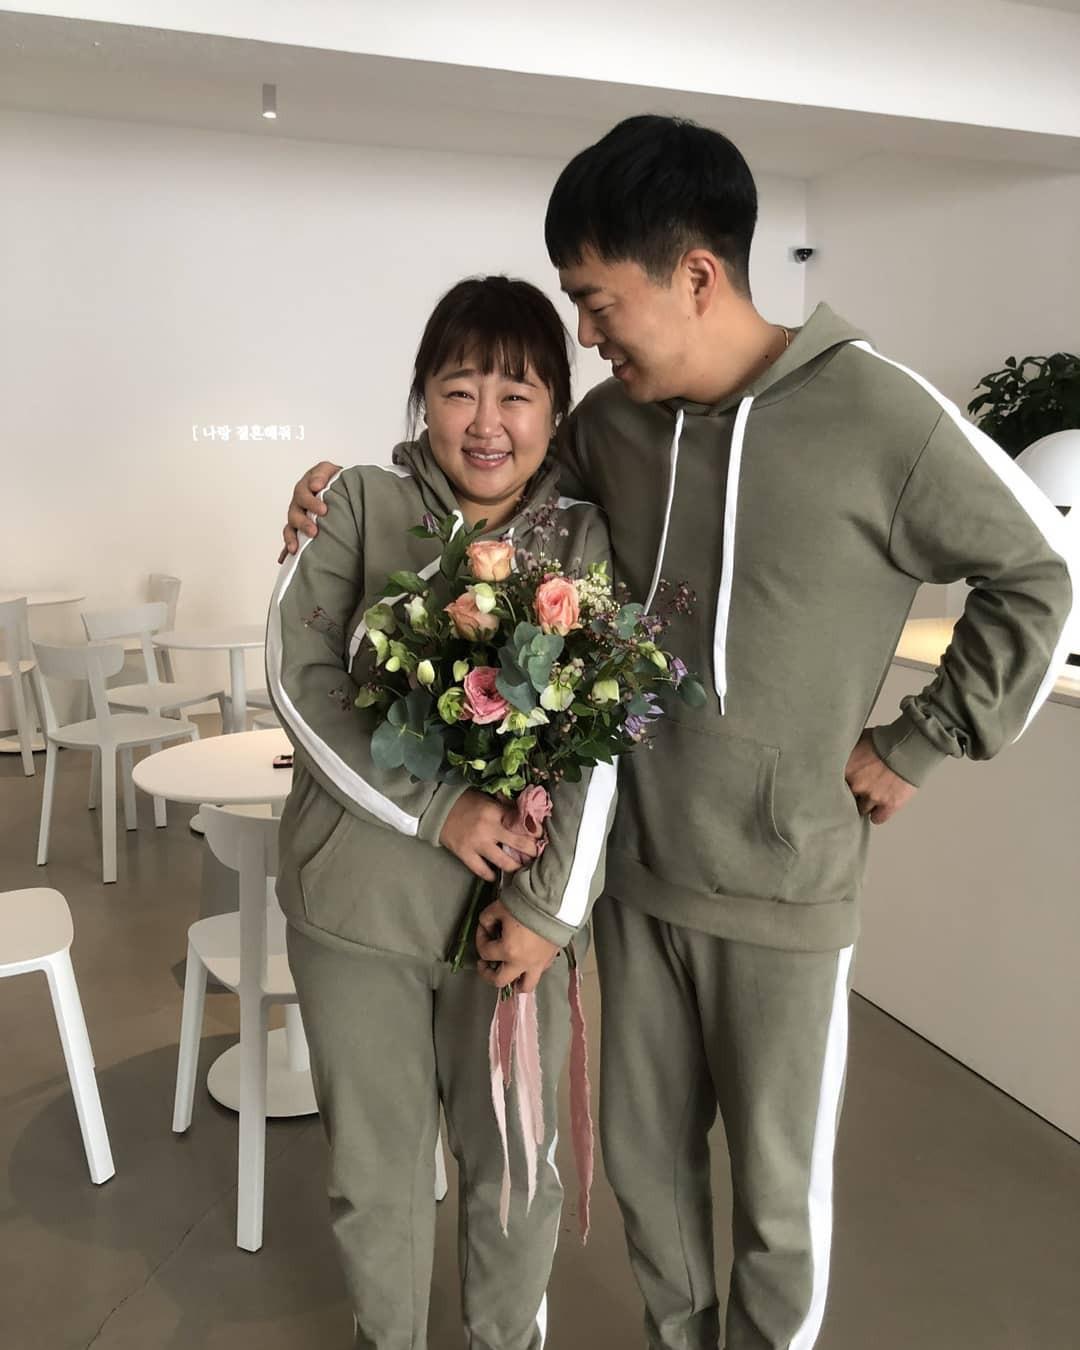 Màn cầu hôn khó tin của danh hài Hàn giảm 30kg và bạn trai: Bí mật bố trí, ai ngờ ngỏ lời cùng ngày, mặc giống nhau - Ảnh 2.